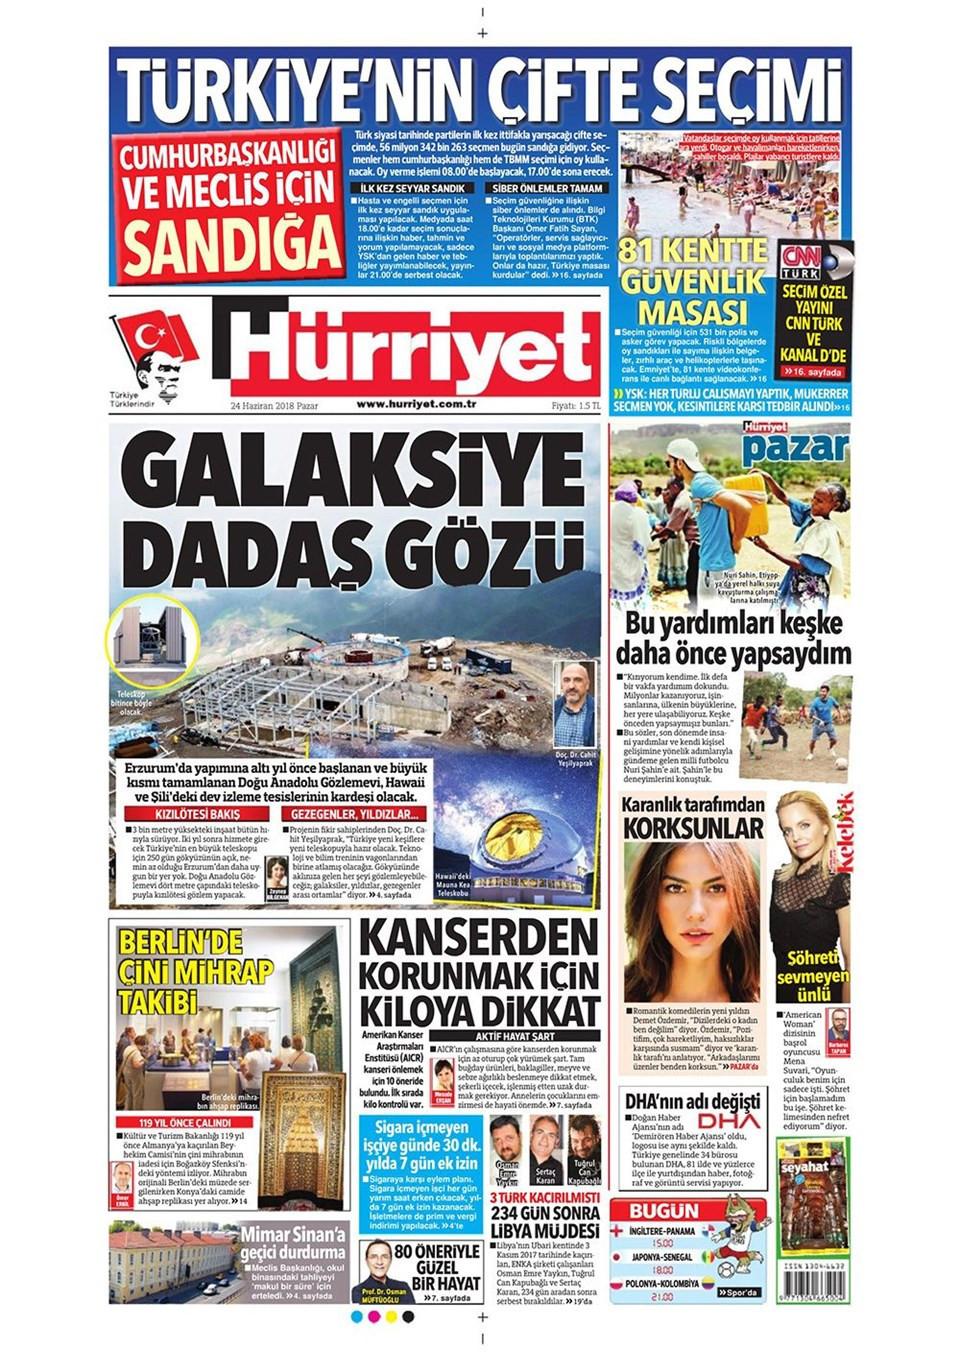 Günün gazete manşetleri (24 Haziran 2018)